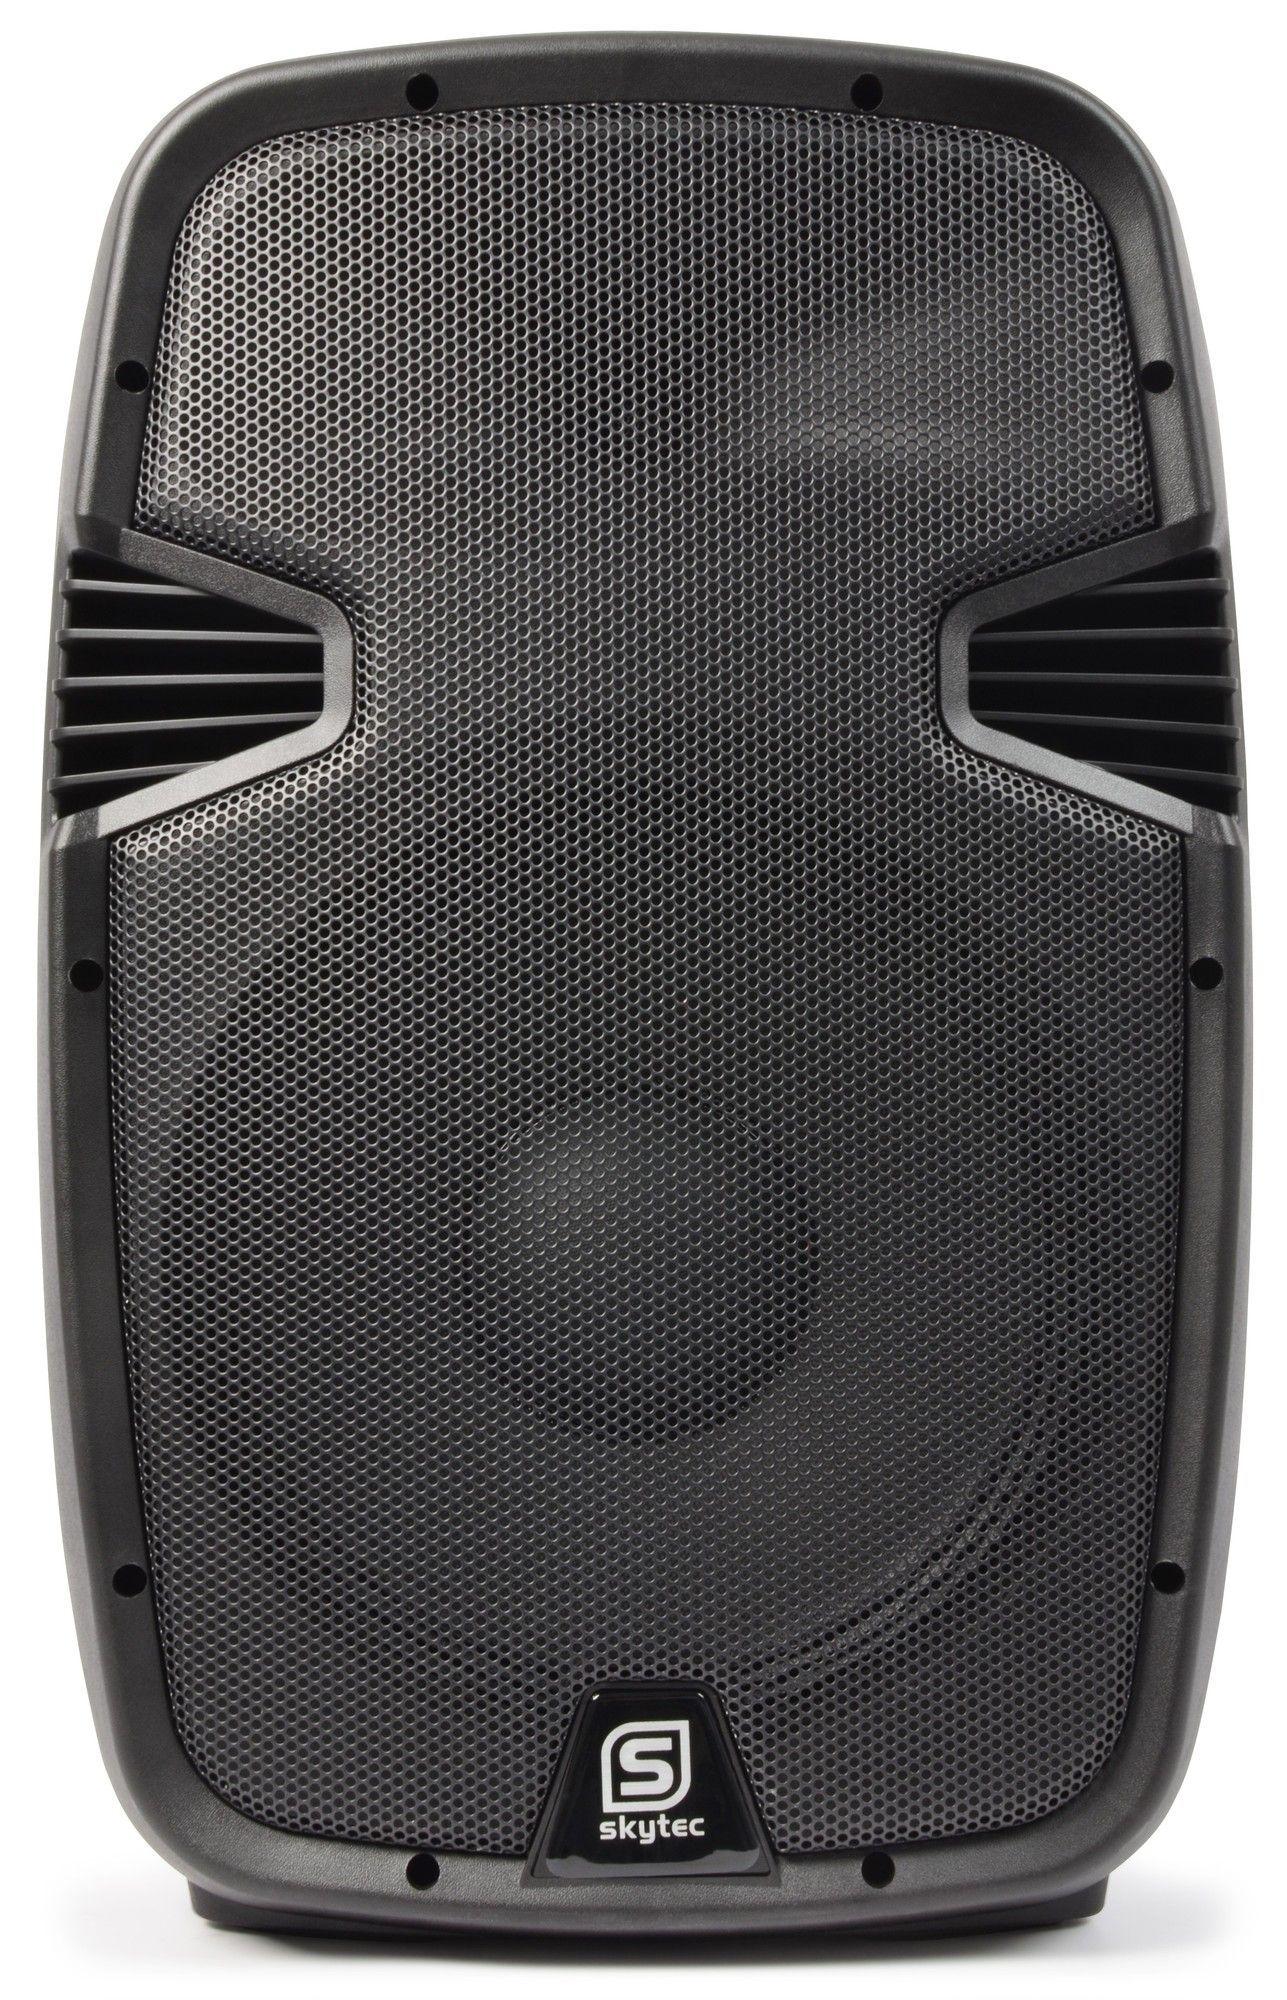 """SkyTec SPJ-1200A VHF actieve 12"""" speaker met draadloze microfoon 600 Watt thumbnail"""